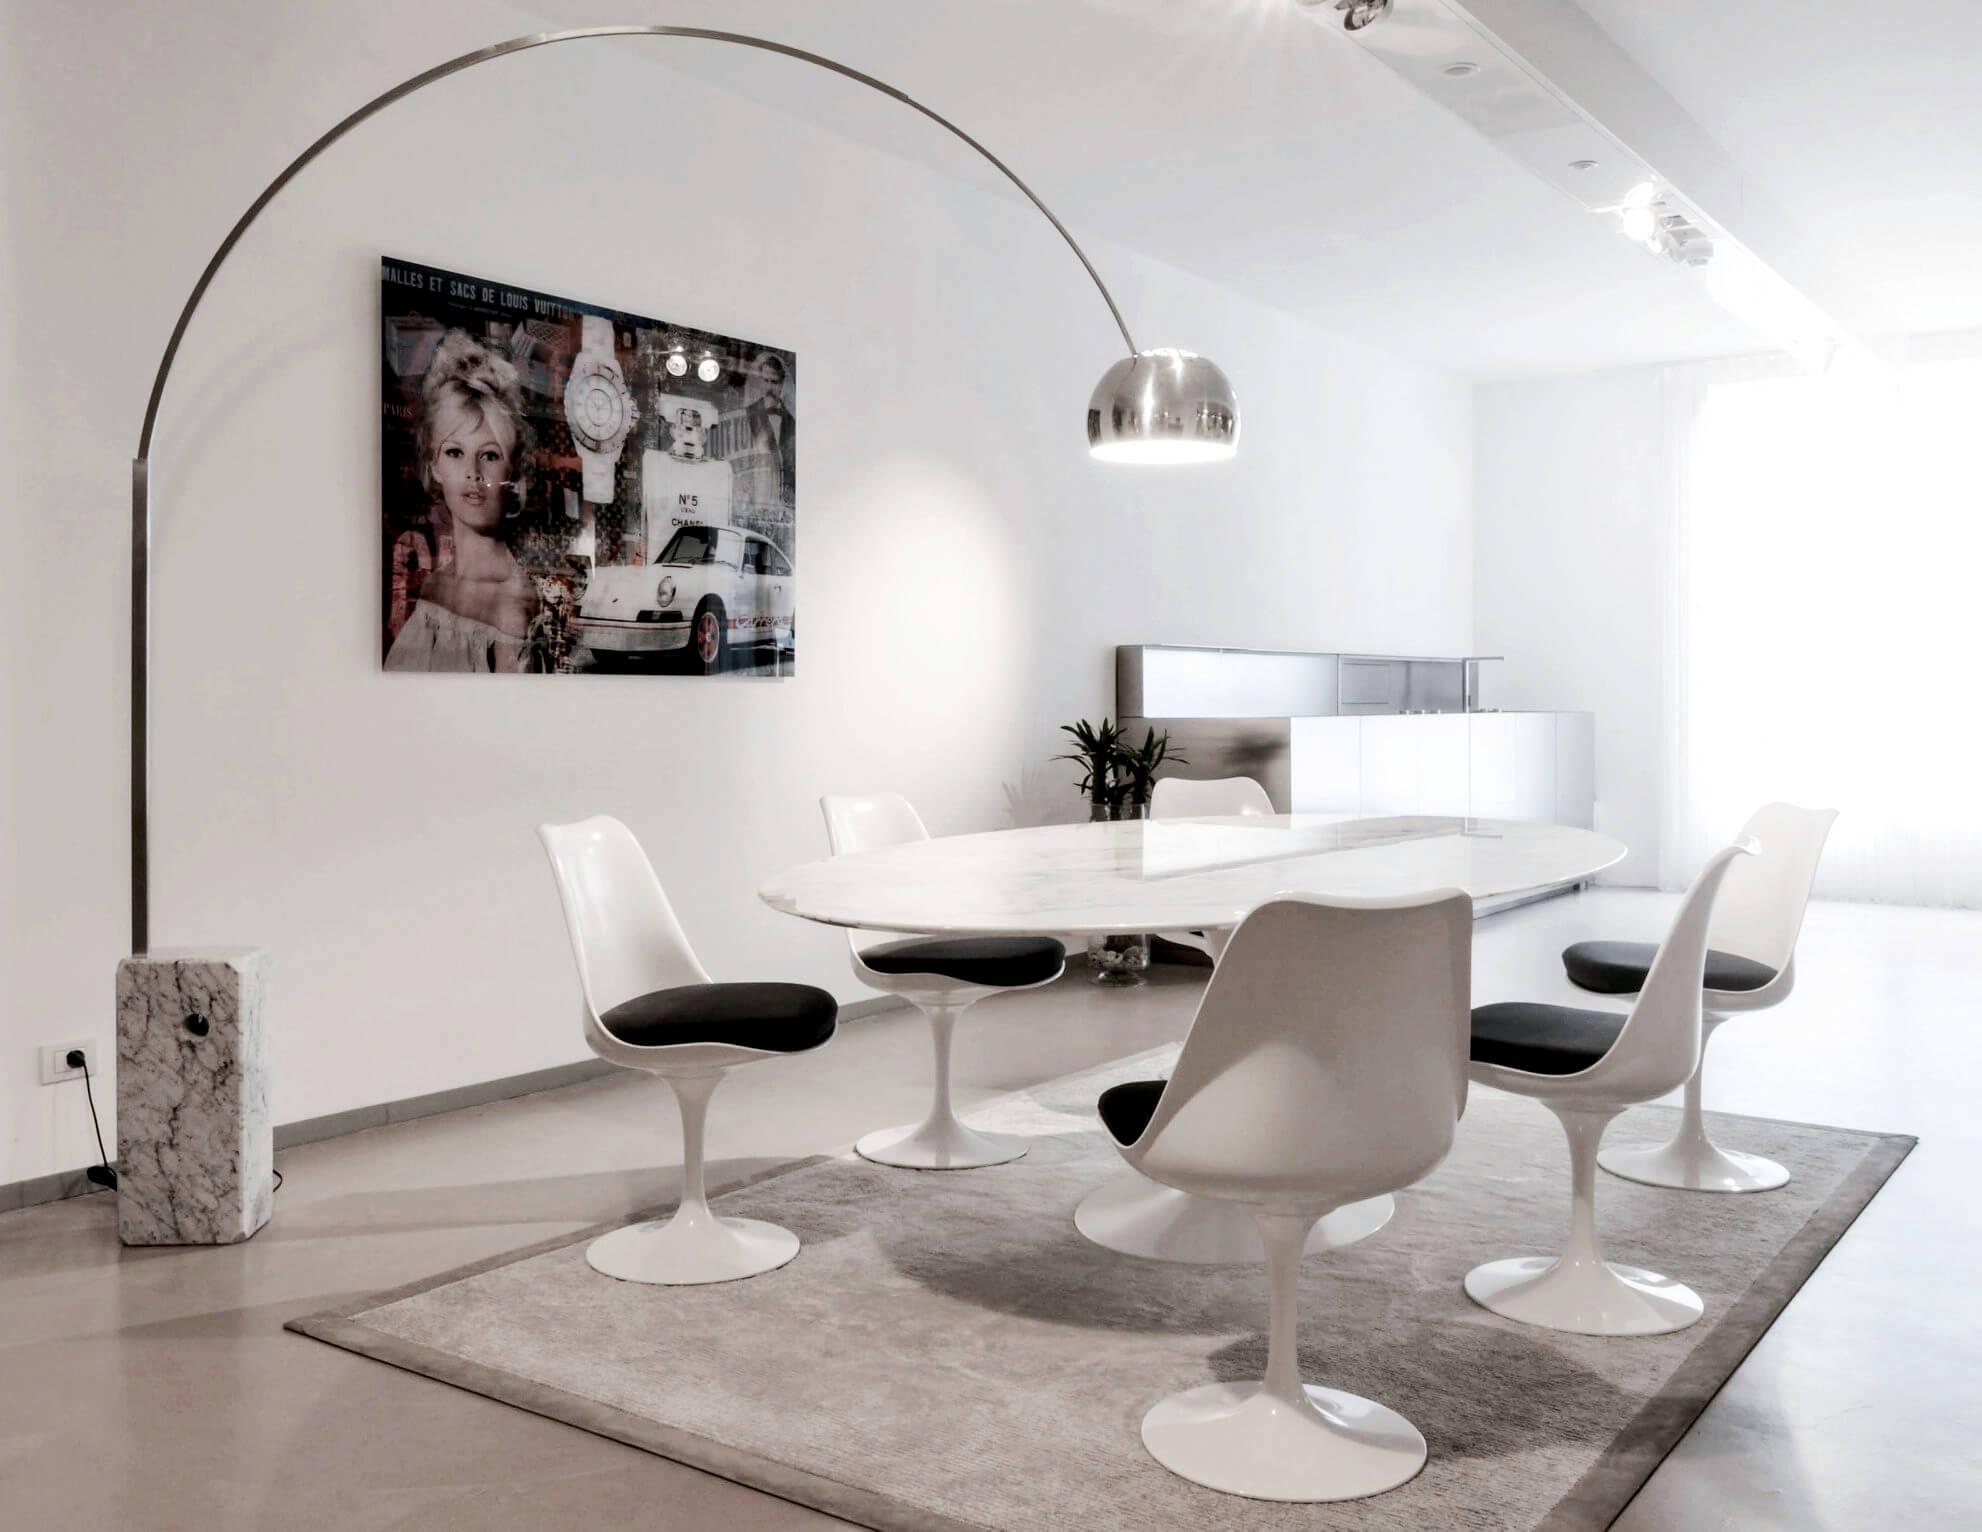 tavolo-Saarinen-knoll